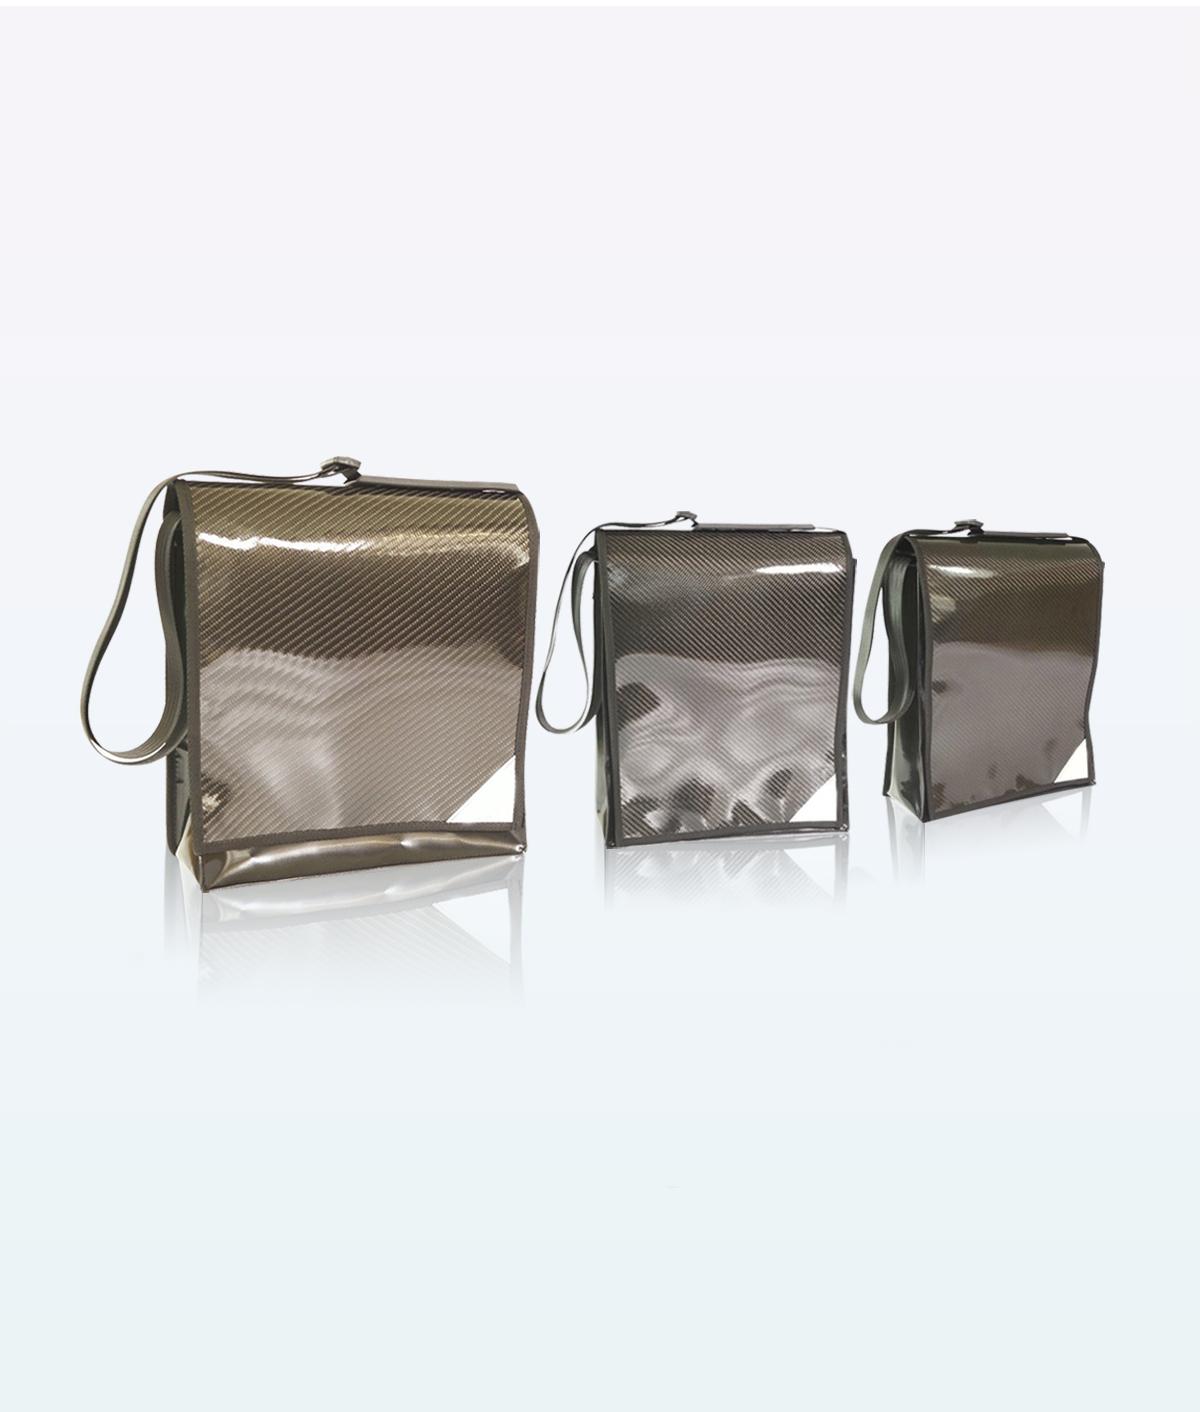 real-carbon-messenger-bag